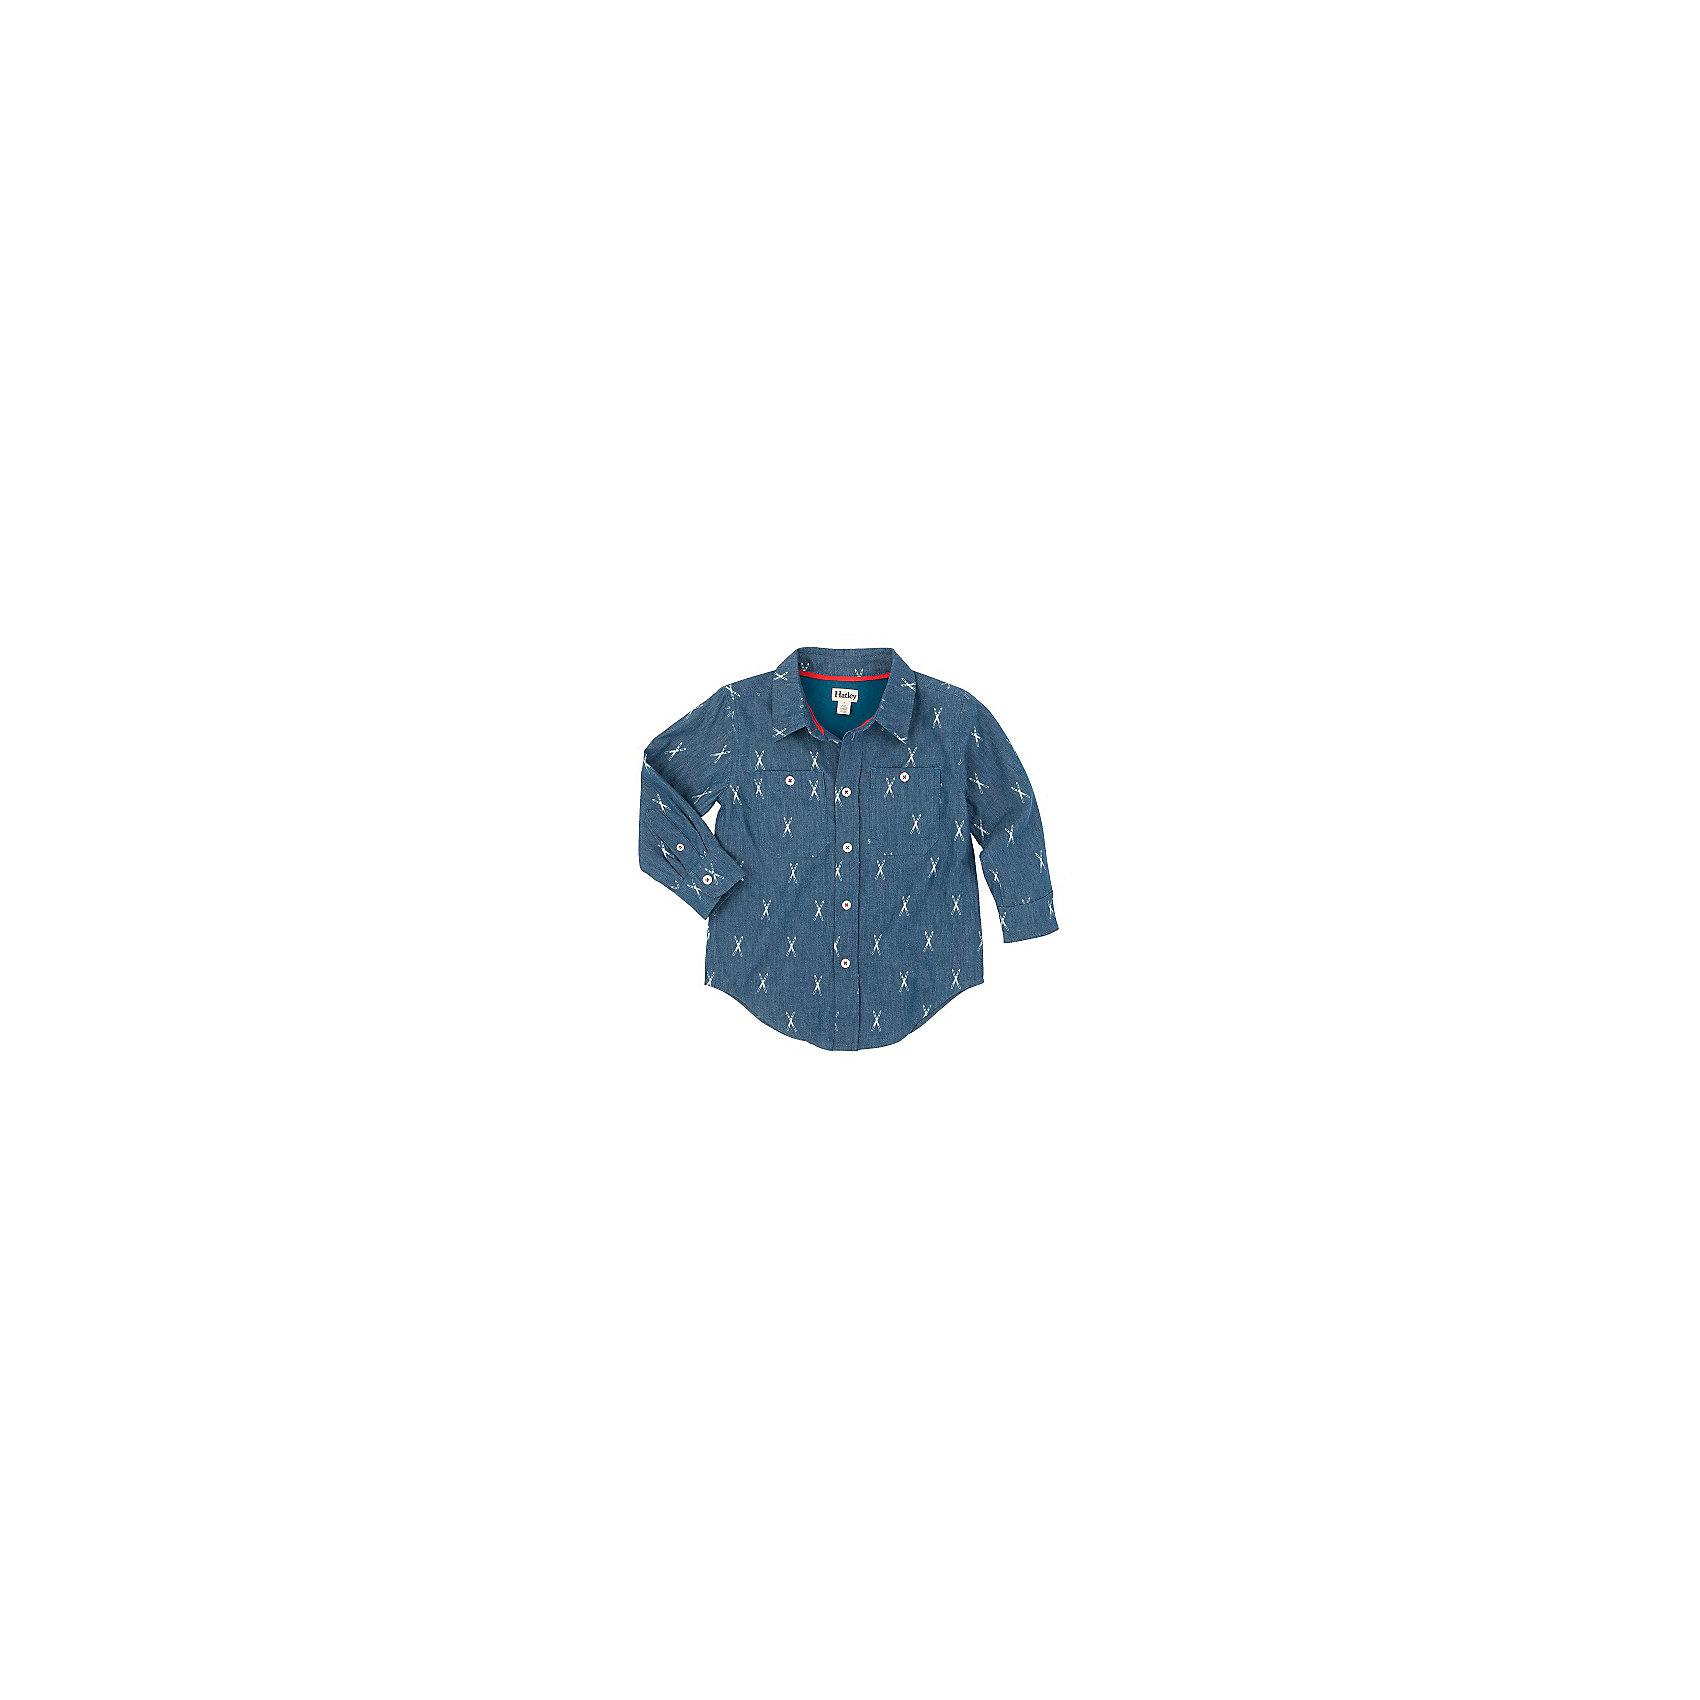 Рубашка для мальчика HatleyБлузки и рубашки<br>Рубашка для мальчика Hatley<br><br>Характеристики: <br><br>• Состав: 100% хлопок<br>• Цвет: синий<br><br>Классическая синяя рубашка на пуговичках сделает маленького модника стильным джентльменом. Натуральная ткань не дает ребенку вспотеть и не вызывает раздражения. Модный принт и джинсовый синий цвет не оставит равнодушным никого. На груди два кармана с пуговичками. Рукава застегиваются на две пуговки. <br><br>Рубашка для мальчика Hatley можно купить в нашем интернет-магазине.<br><br>Ширина мм: 174<br>Глубина мм: 10<br>Высота мм: 169<br>Вес г: 157<br>Цвет: полуночно-синий<br>Возраст от месяцев: 36<br>Возраст до месяцев: 48<br>Пол: Мужской<br>Возраст: Детский<br>Размер: 104,110,116,98<br>SKU: 5020870